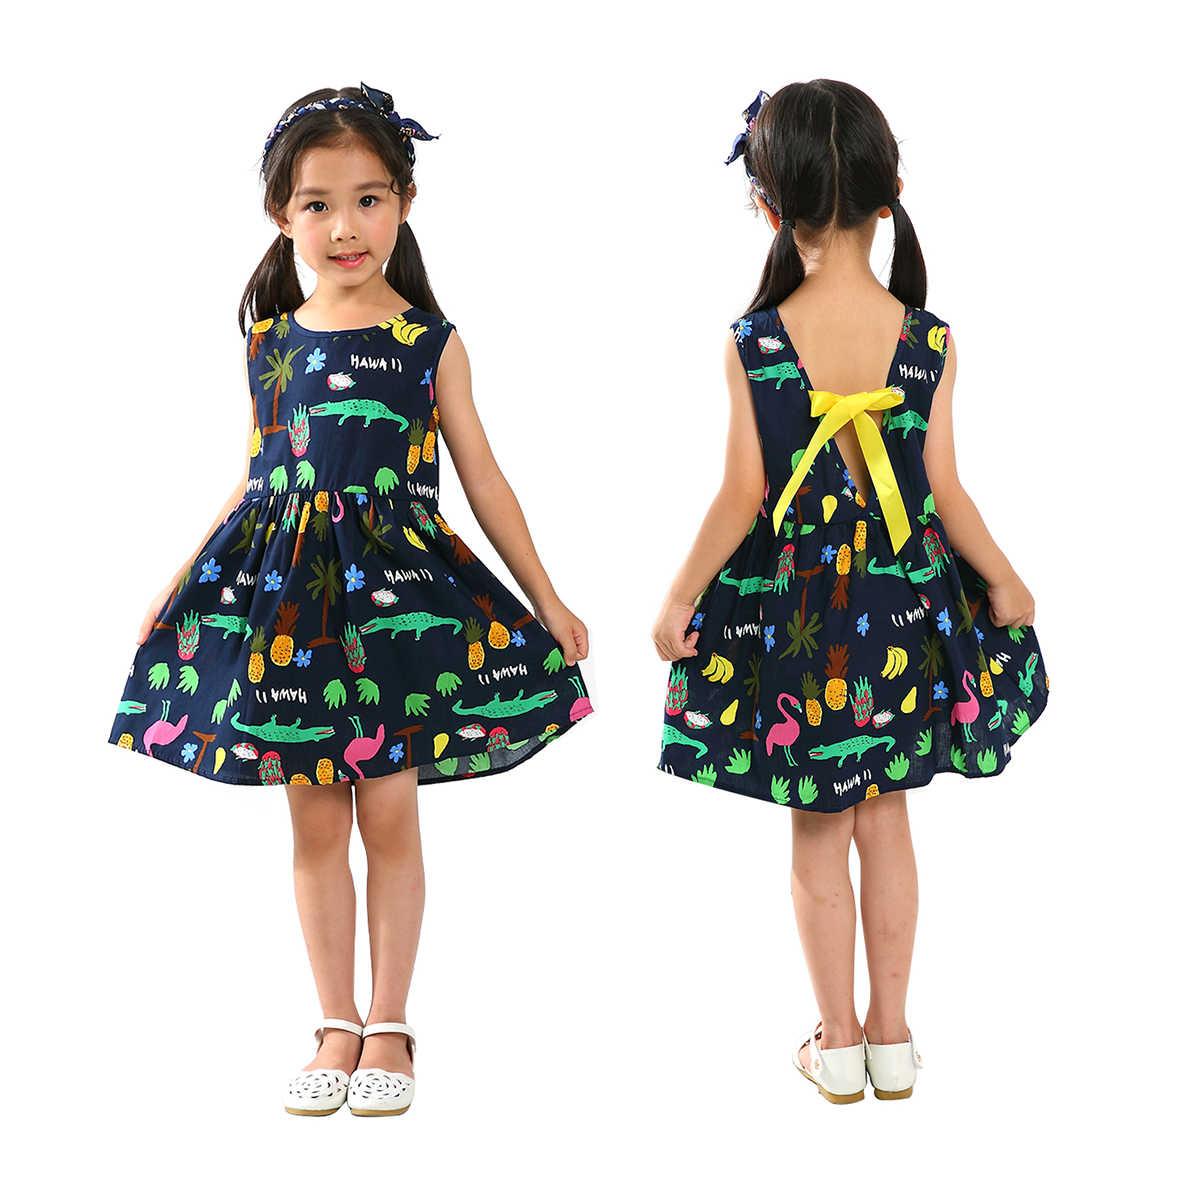 2019 Crianças Menina Vestido Sem Mangas Prined 1-7 T Menina do Verão Flor de Algodão Vestido de Princesa Vestido Estampado Floral Deslizamento vestidos de Roupa Do Miúdo